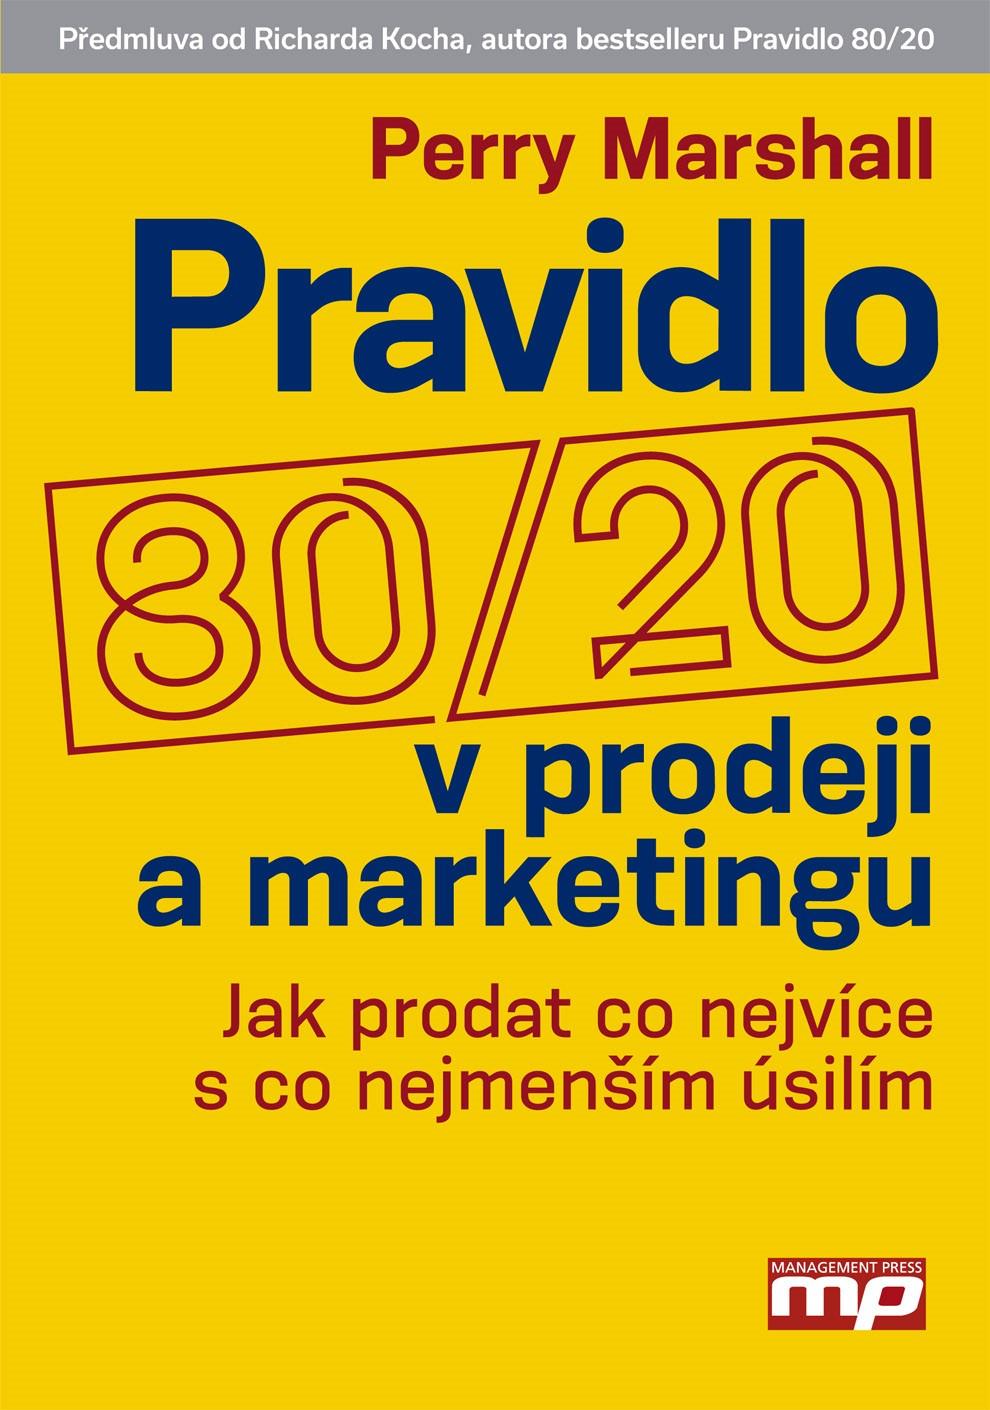 Pravidlo 80/20 v prodeji a marketingu